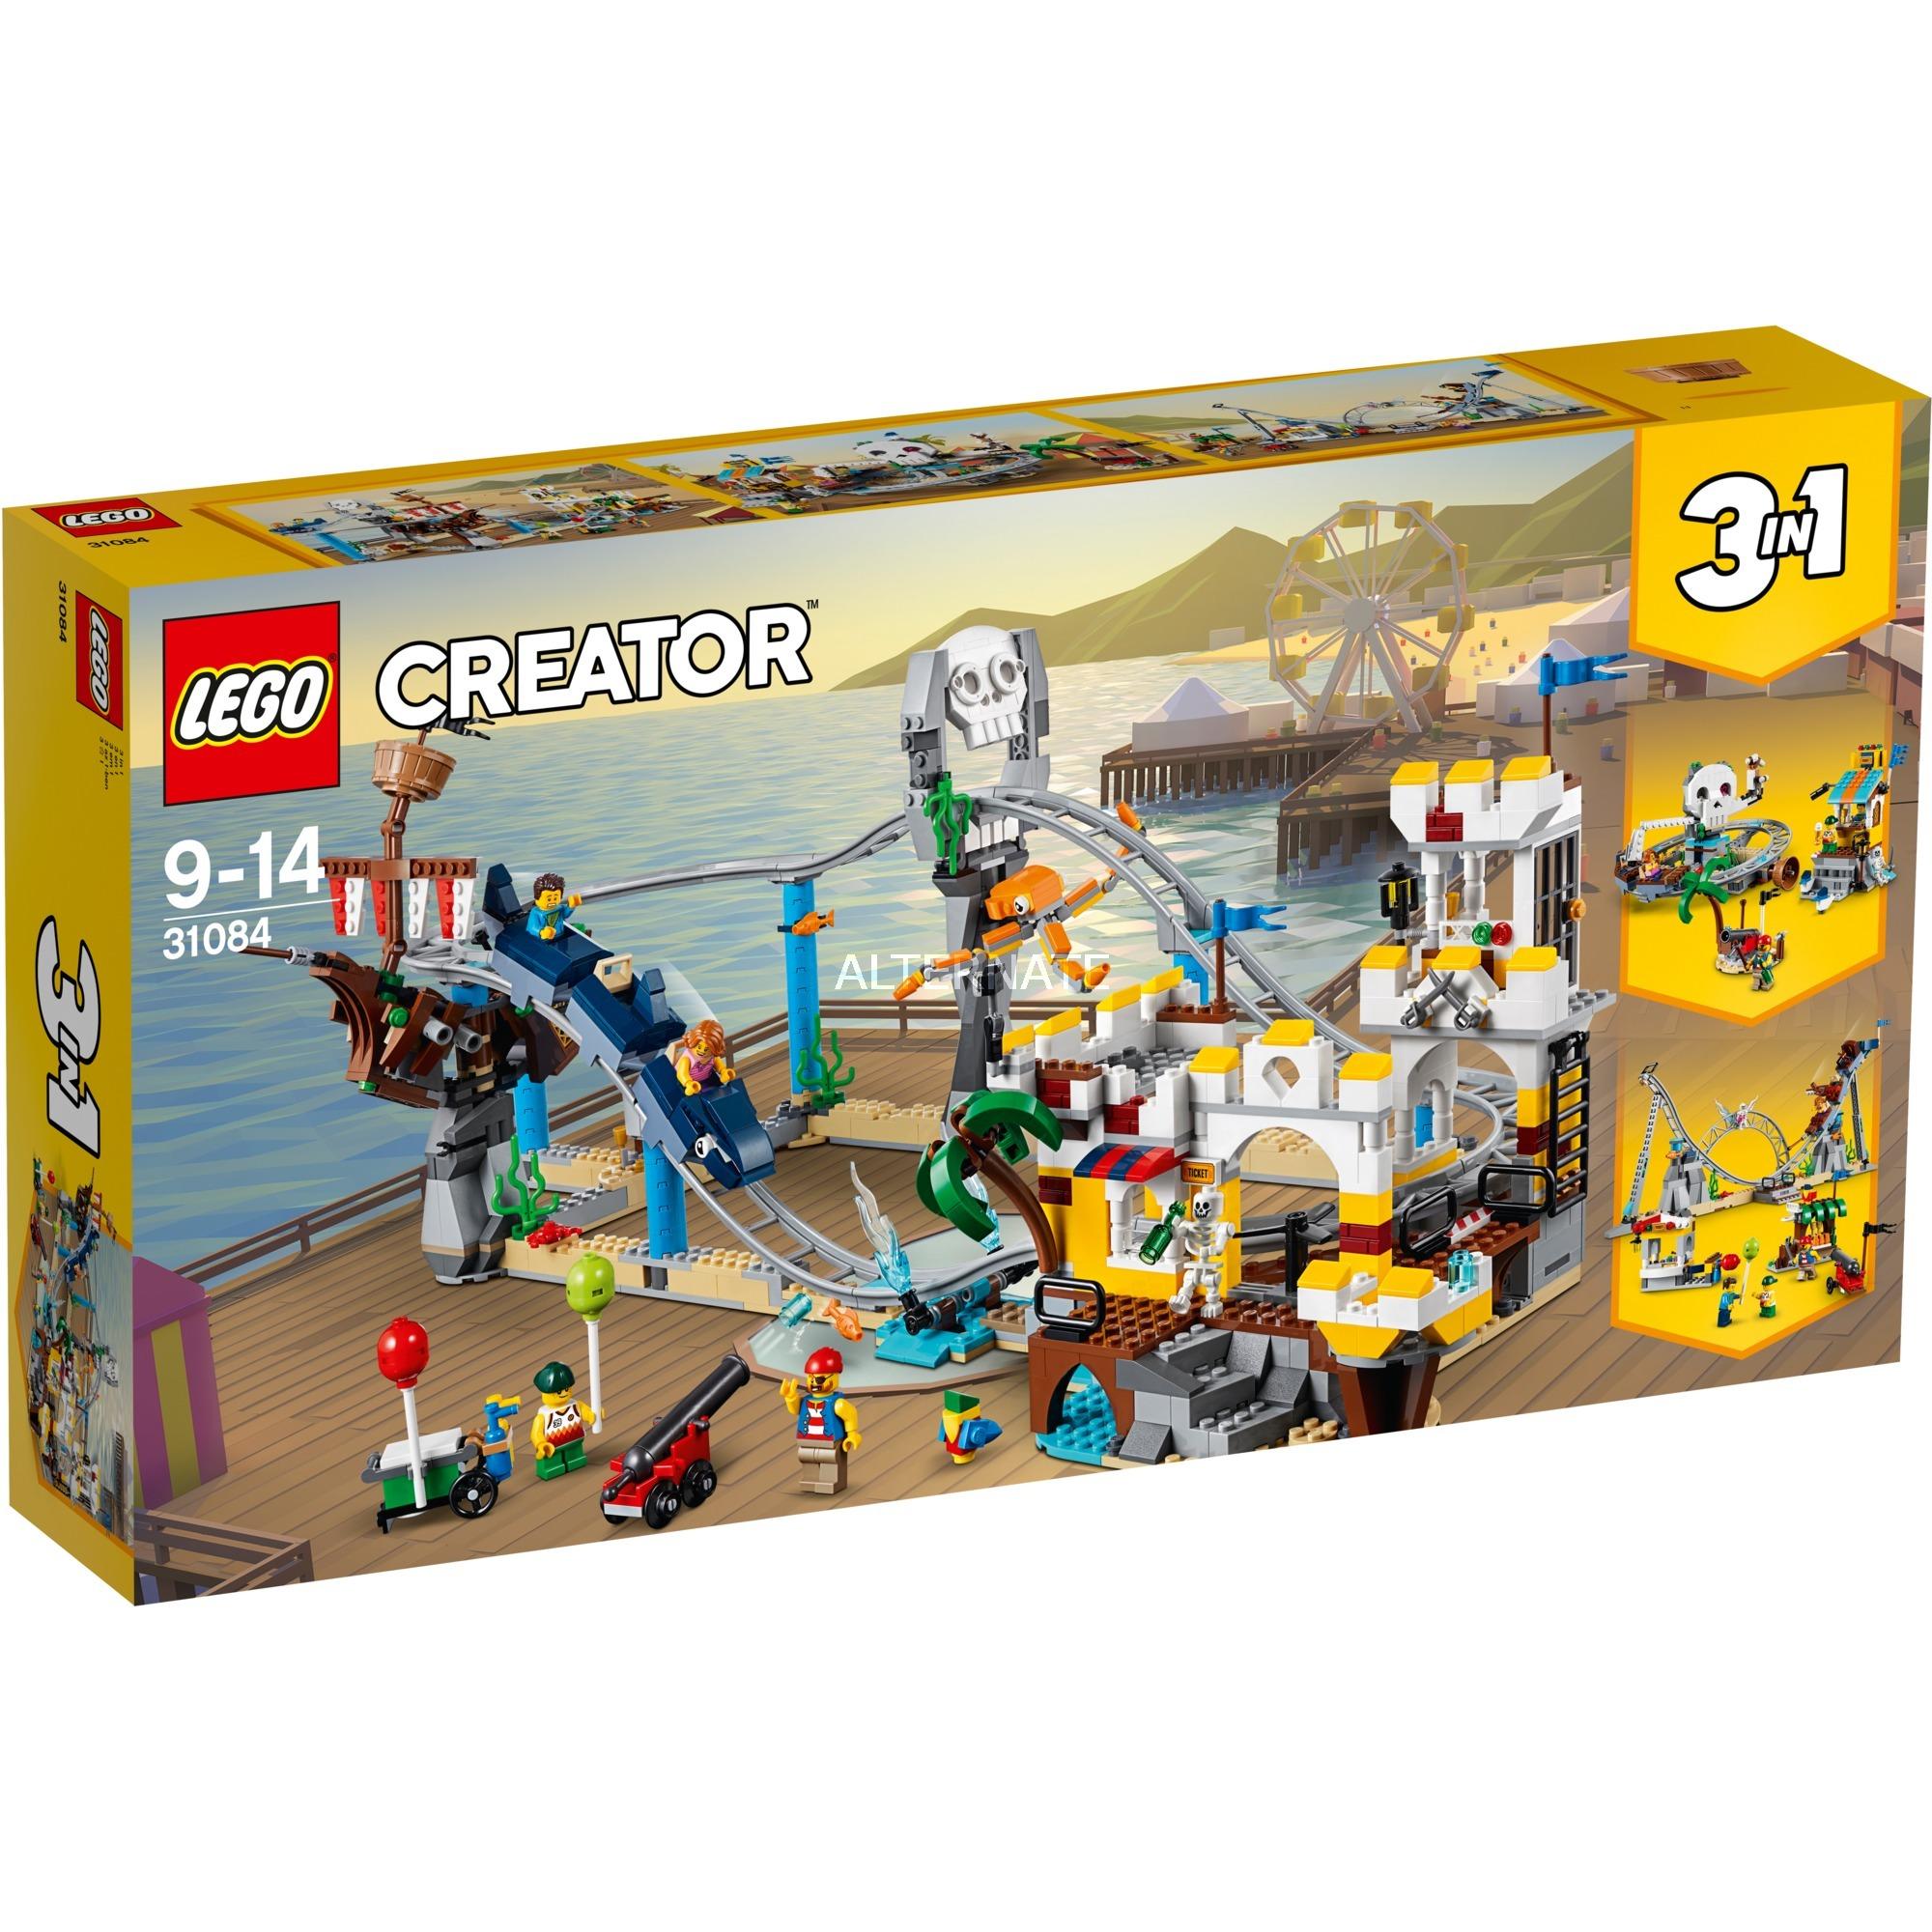 LEGO Creator - Montaña Rusa Pirata - 31084